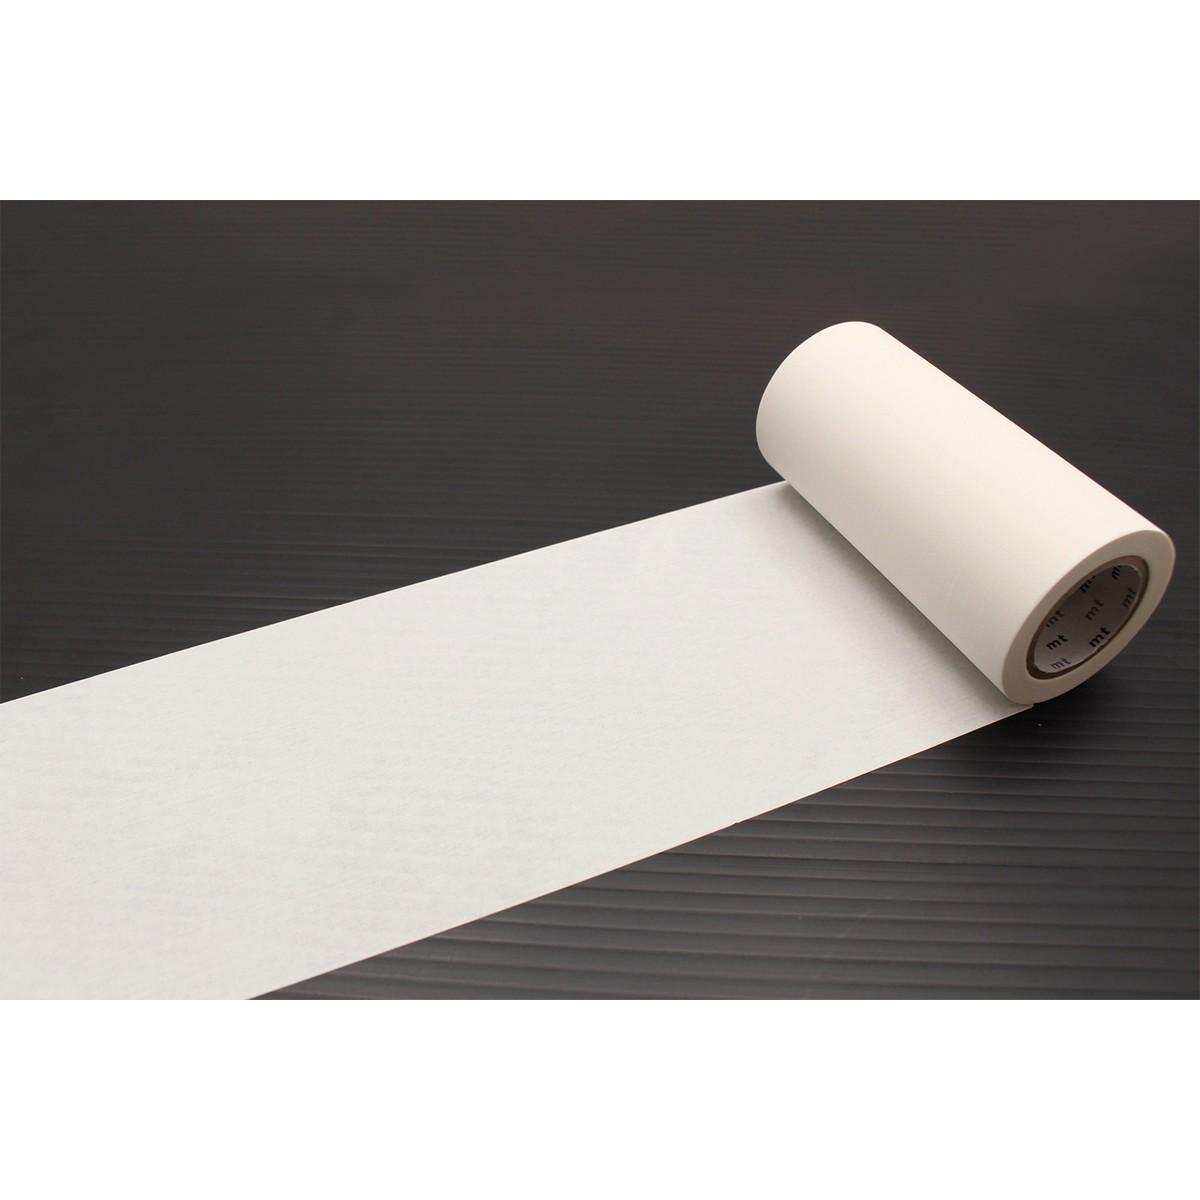 カモ井加工紙 mt CASA 100mm マットホワイト MTCA1086 100mm×10m カモ井 mt mt マスキングテープ マステ マスキング 紙テープ 和紙テープ 貼って剥がせる はってはがせる 貼ってはが